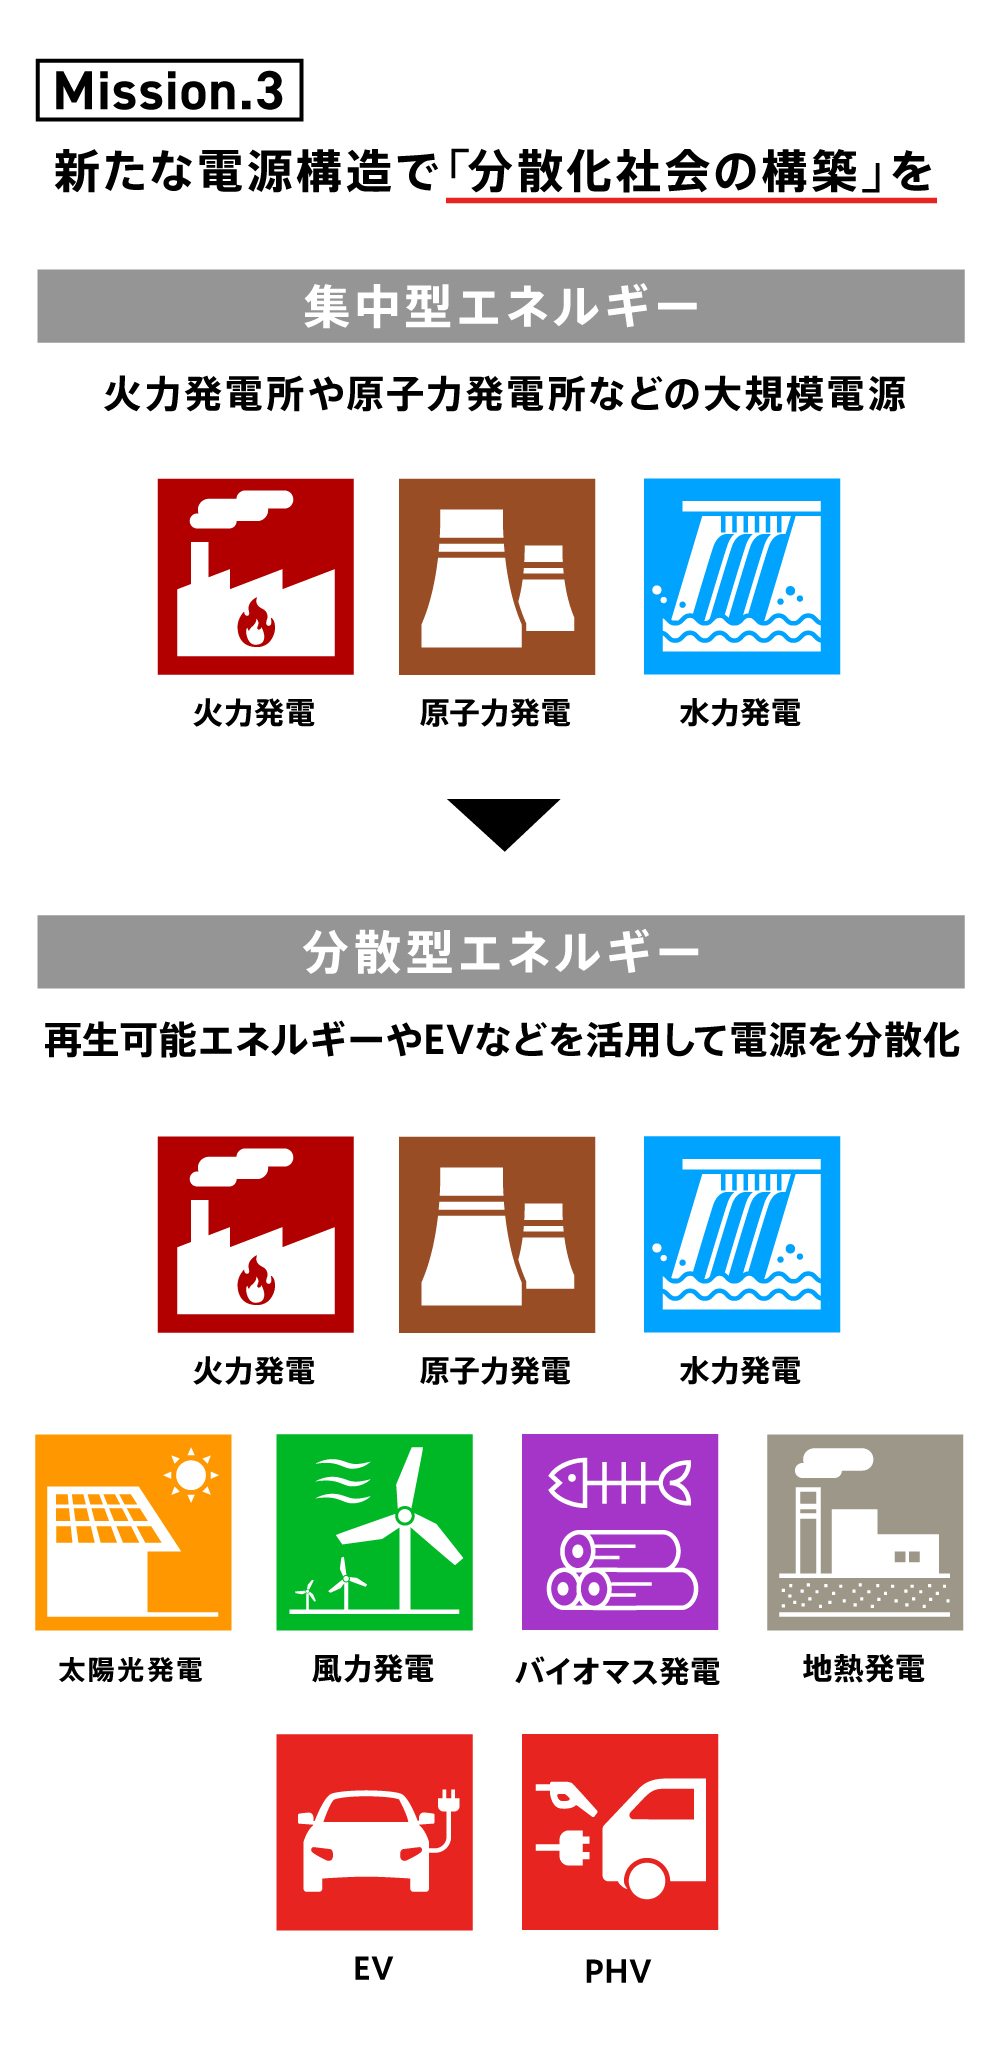 東京電力パワーグリッドが重要視するミッション図